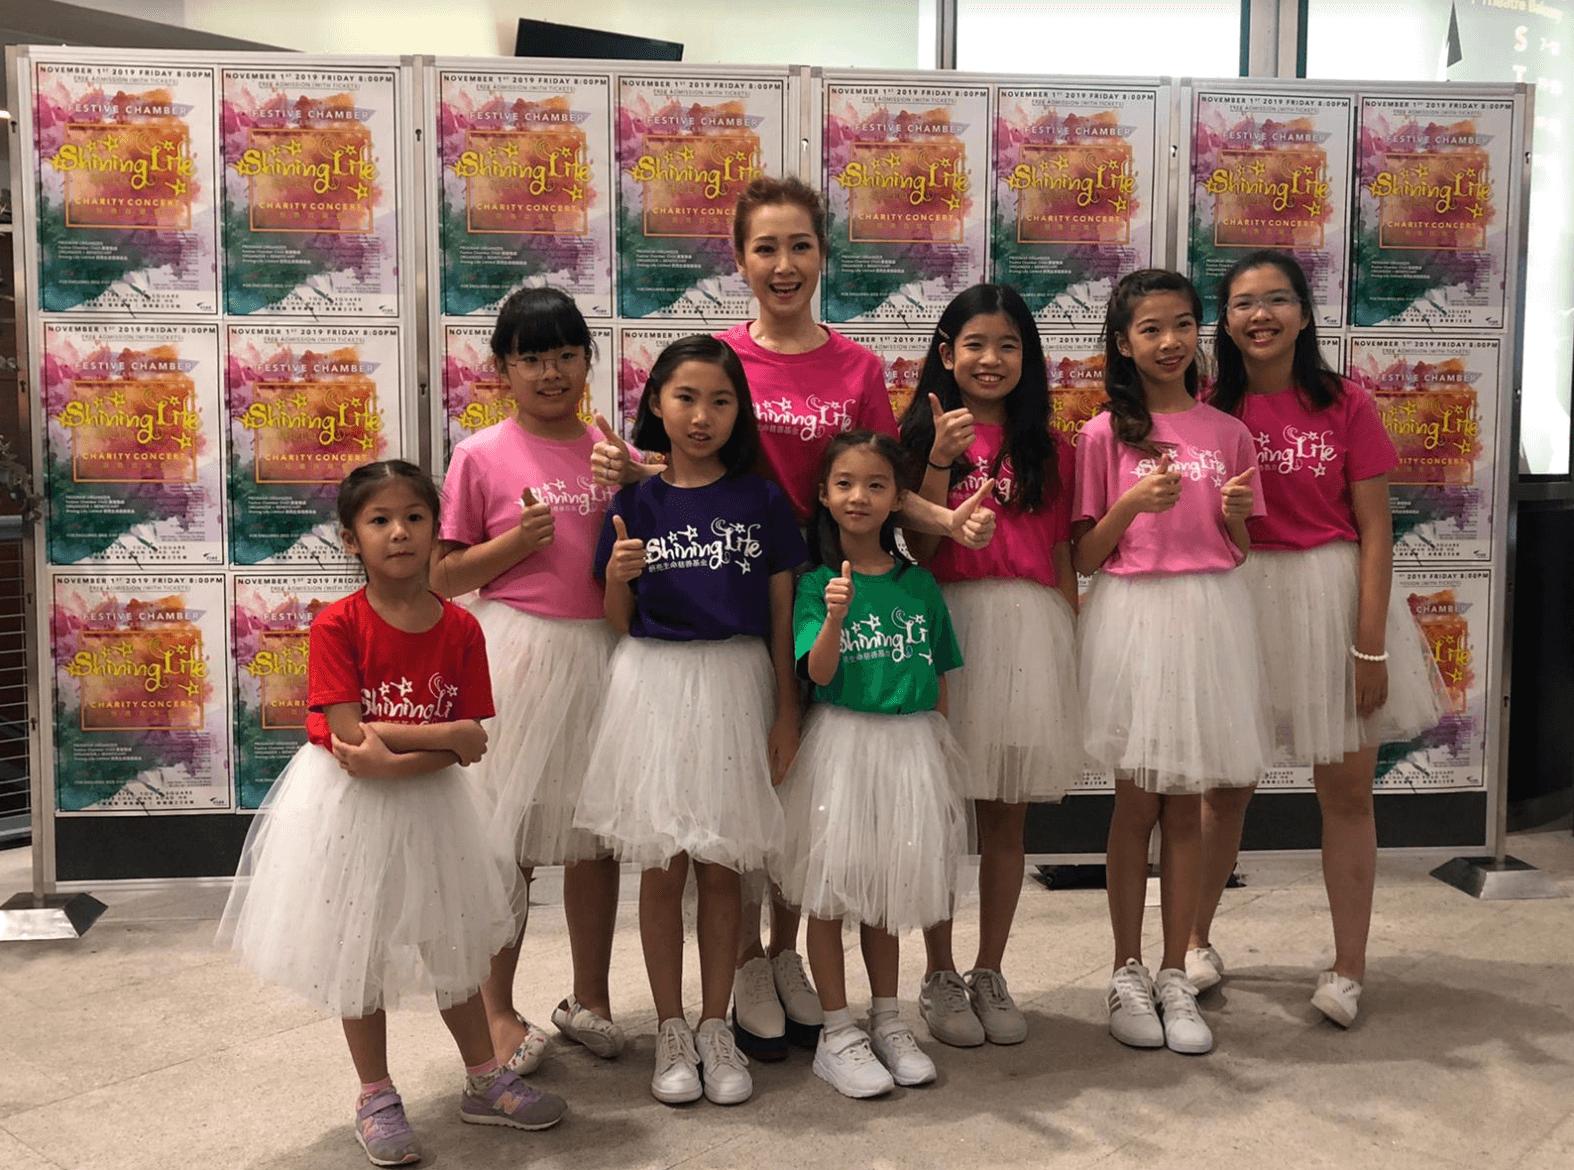 Jade特別在音樂學院「Shining Life Music」挑選七位學生,為音樂會做opening獻唱《Over the Rainbow》。